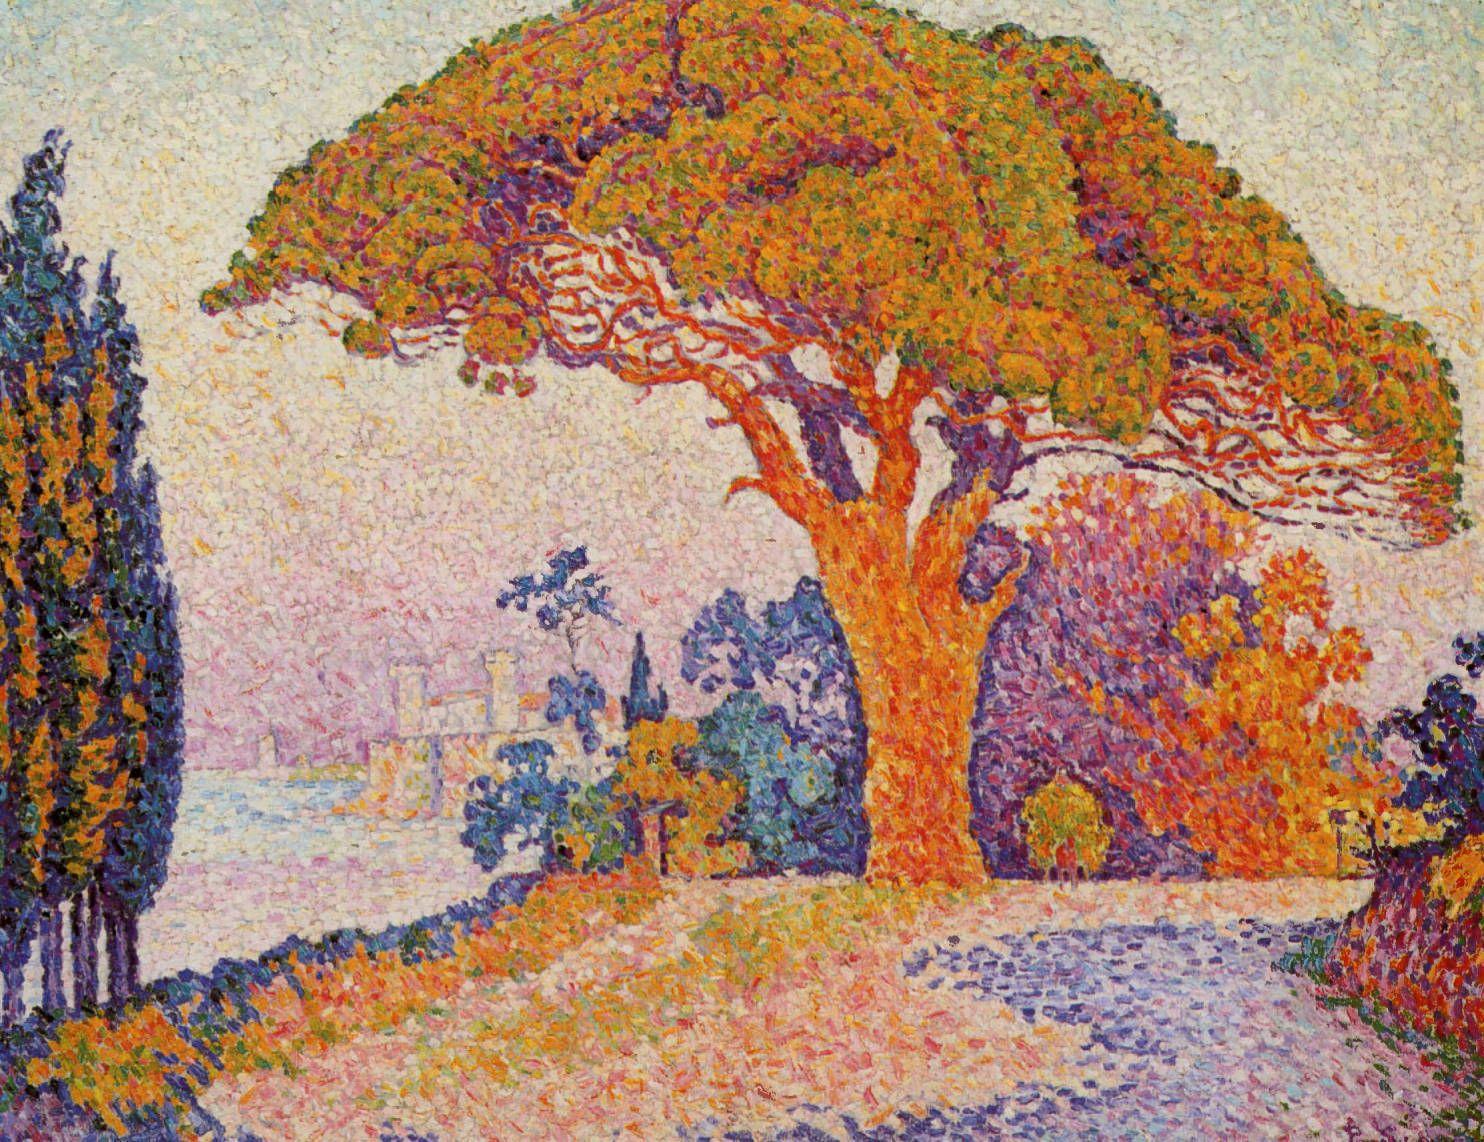 paul_signac - Recherche Google | Les arts, Impressionnisme, Pointillisme